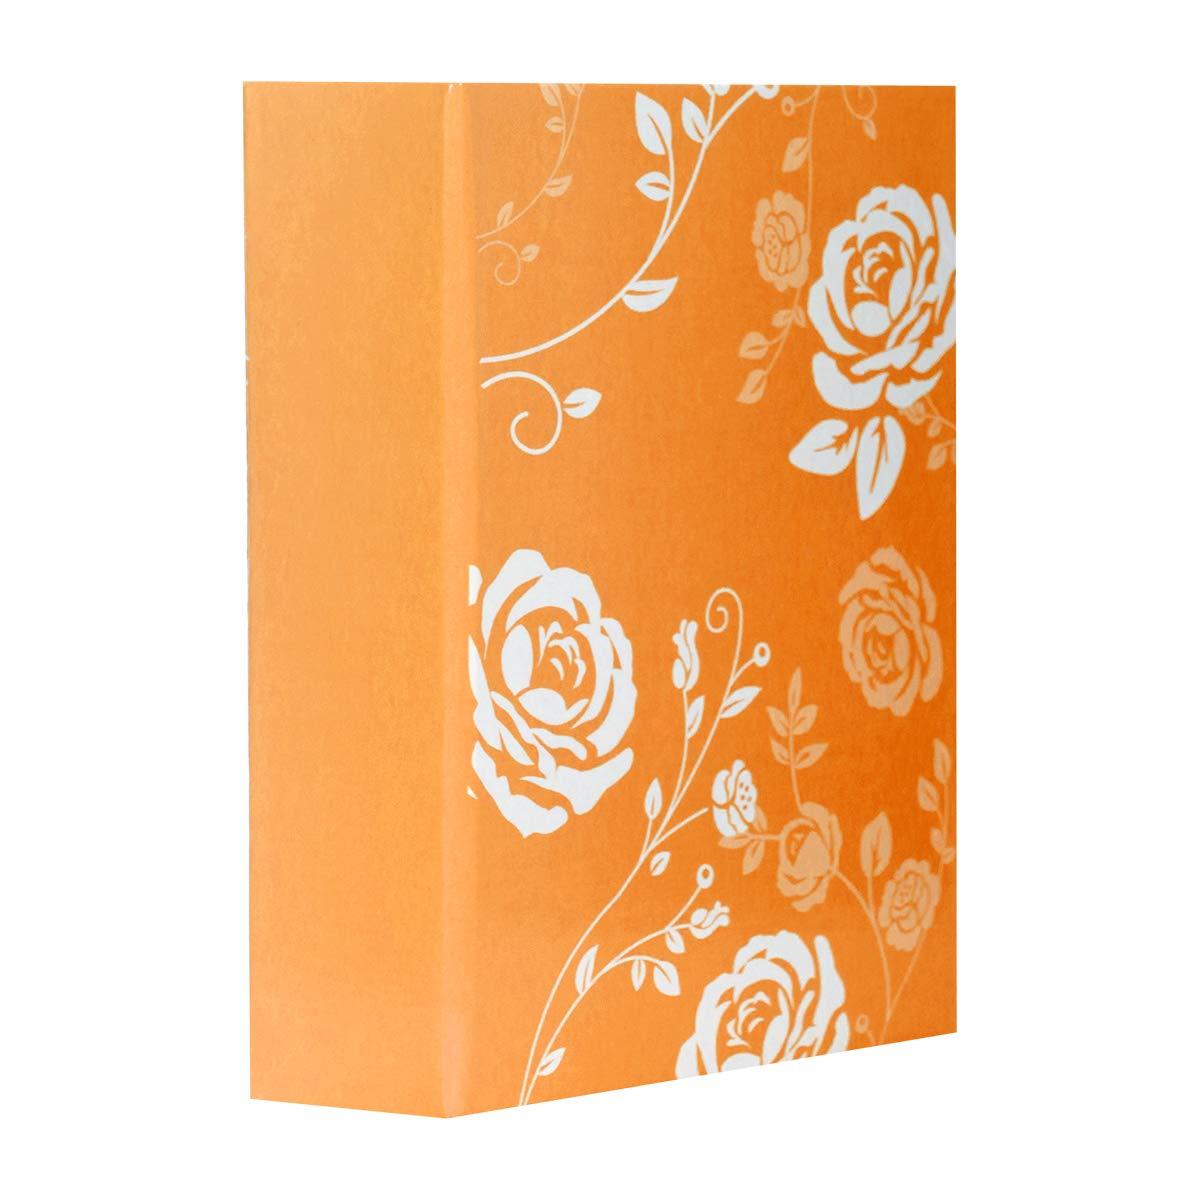 Couverture en Papier imprim/é sur Le th/ème des Roses Lot de 3 Albums Photos /à Pochettes Tone 304 Photos 10x15 cm par Album